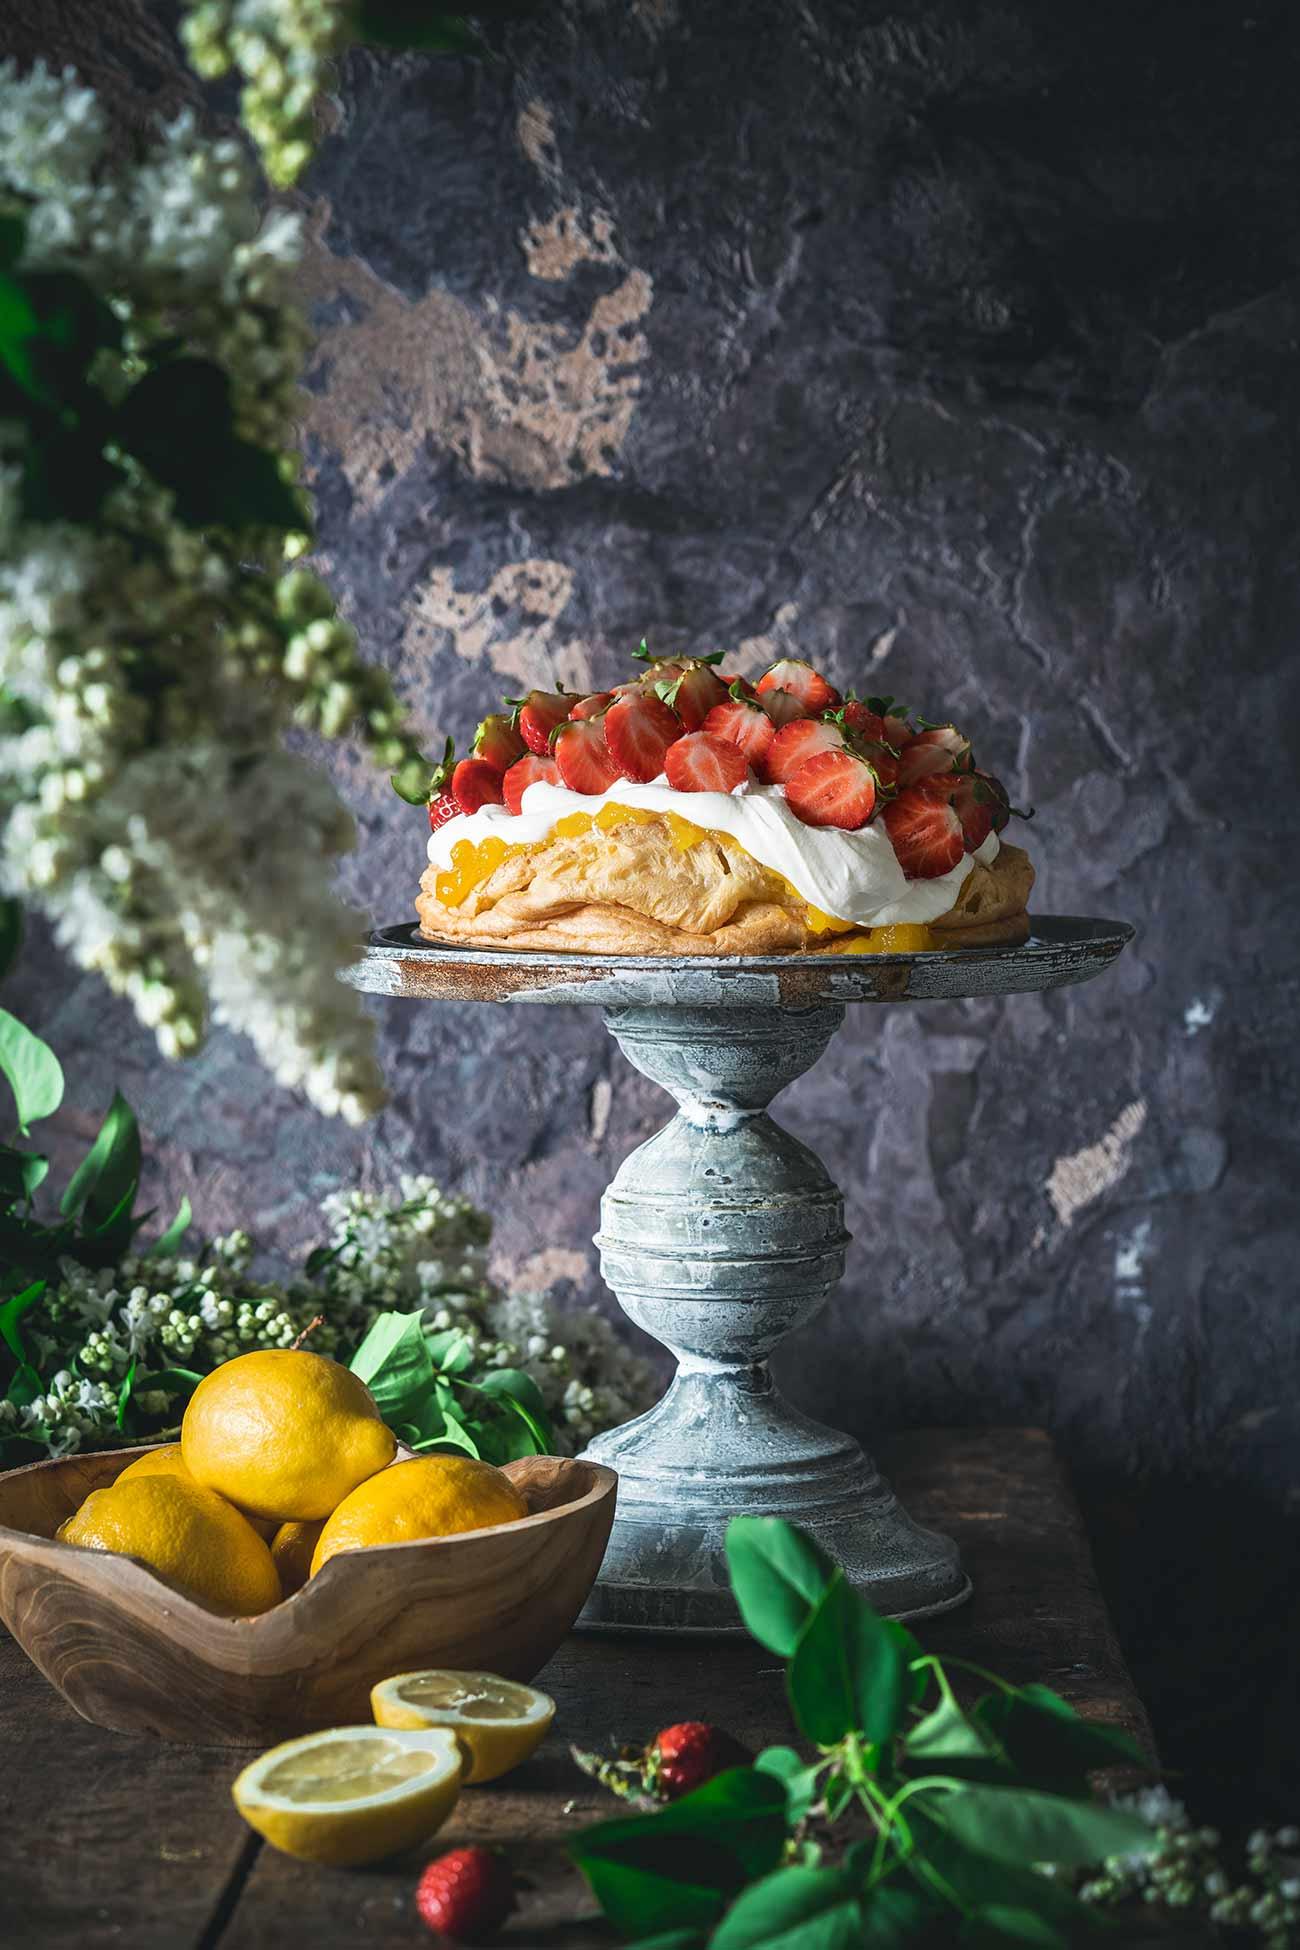 Erdbeer-Zitronen Sahnetörtchen Heute freue ich mich ganz besonders auf den Erdbeerkuchen, der auf mich wartet. Ich hab natürlich gestern schon ein bis drei (wer zählt das schon) Stücke gegessen. Er schmeckt wie ein großer Windbeutel voller Sommer.